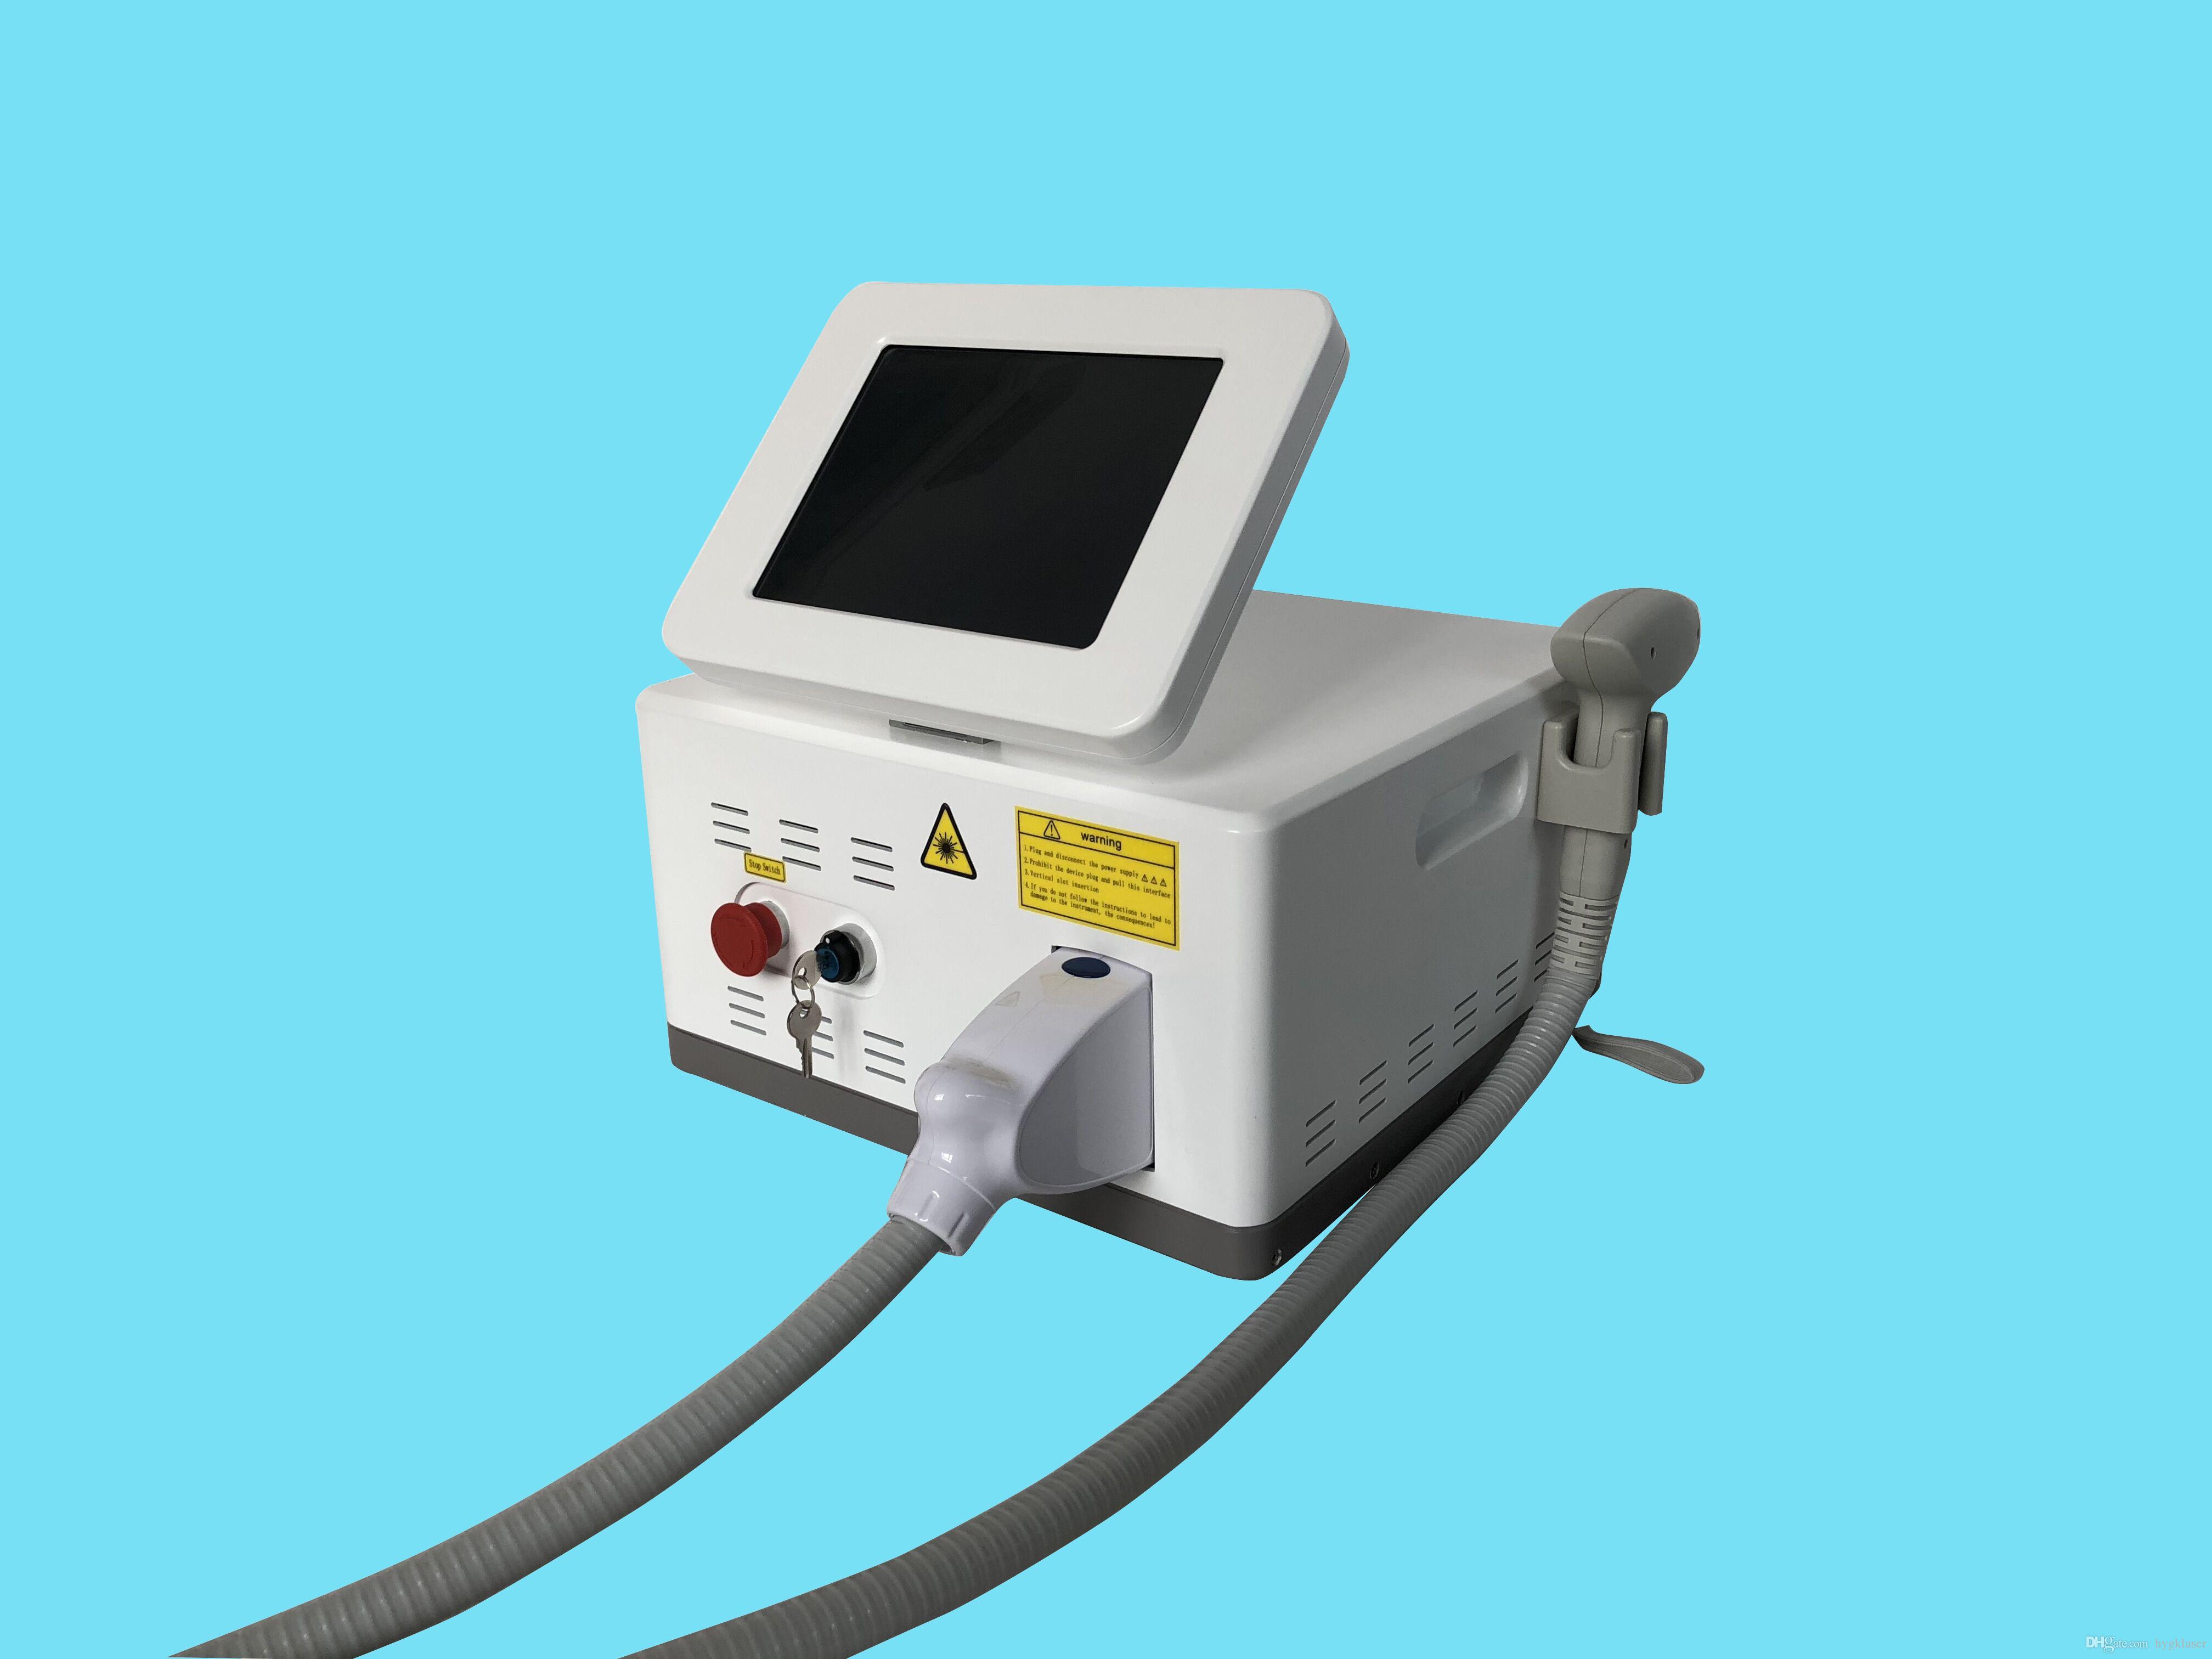 휴대용 808nm / 755nm + 808nm + 1064nm 다이오드 레이저 전문 통증 제모 기계